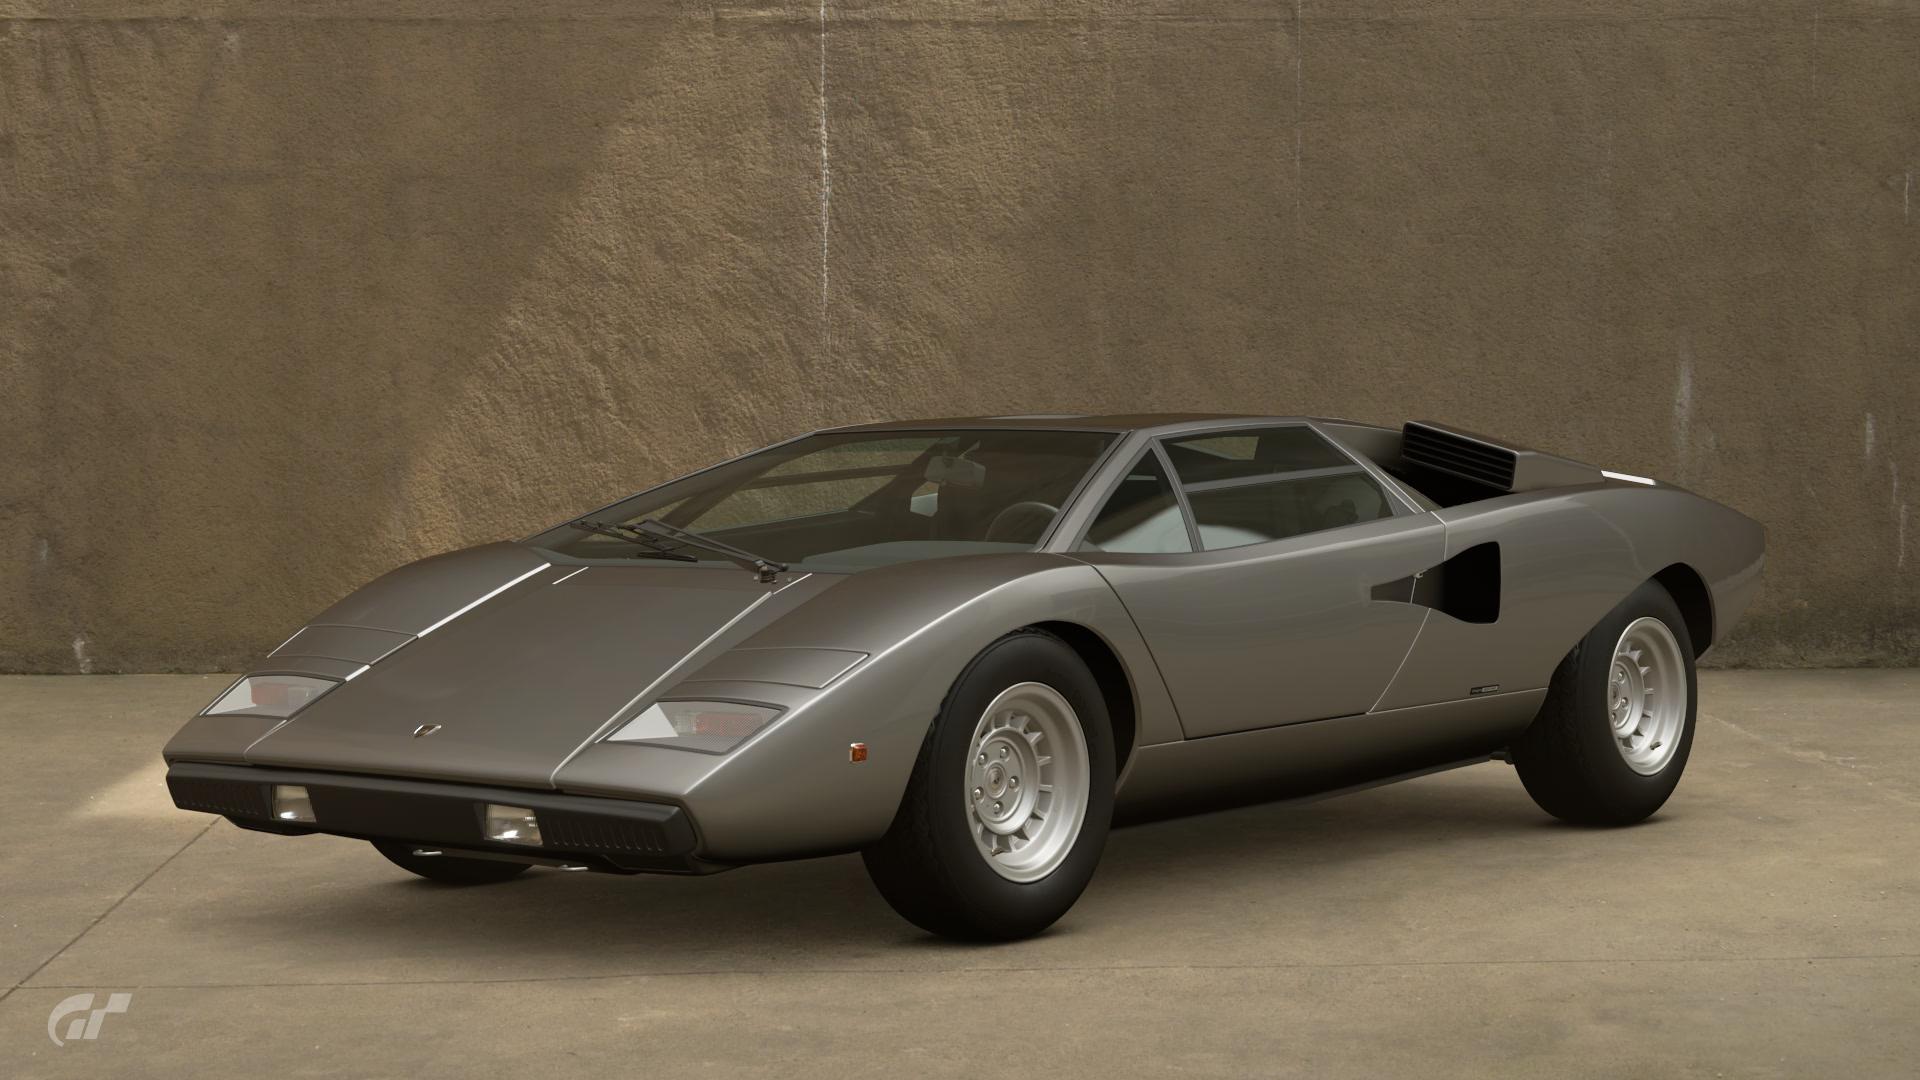 Lamborghini Countach Lp400 74 Gran Turismo Wiki Fandom Powered